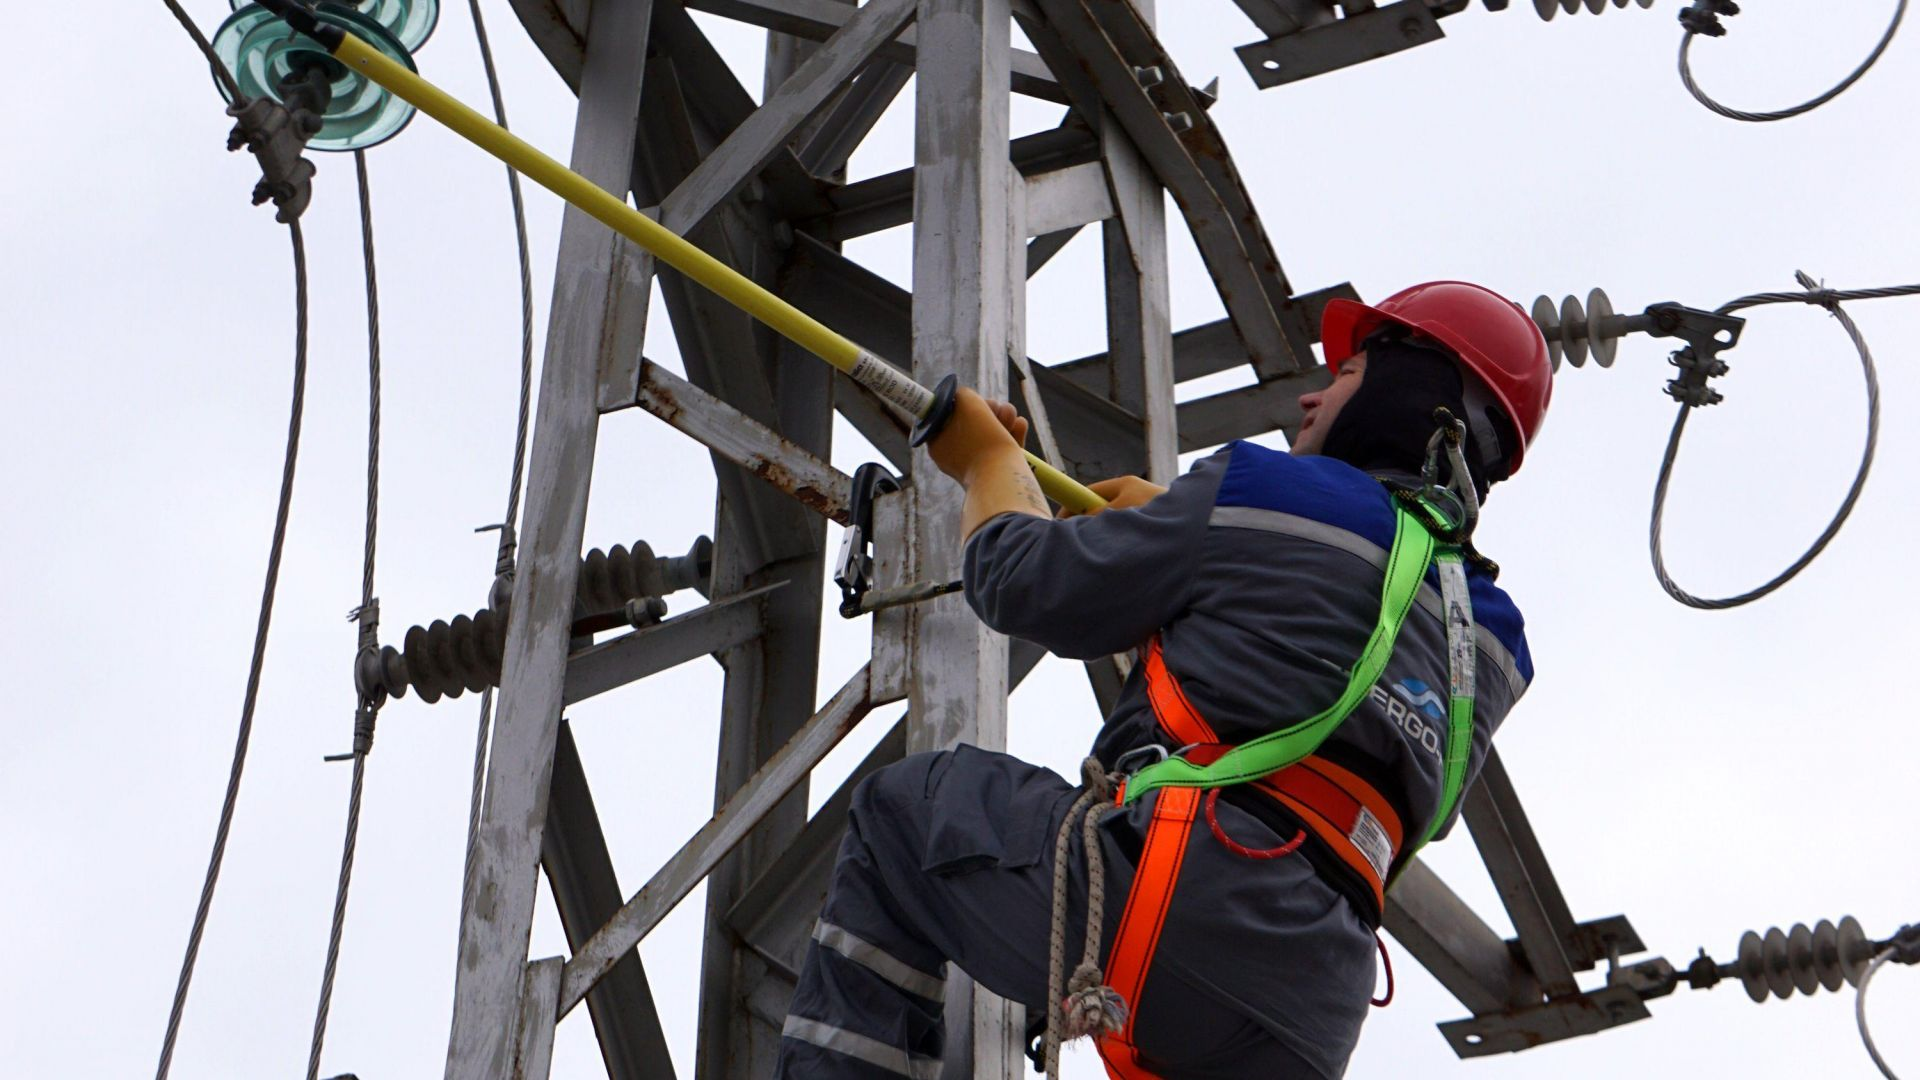 200% ръст на износа на ток през януари